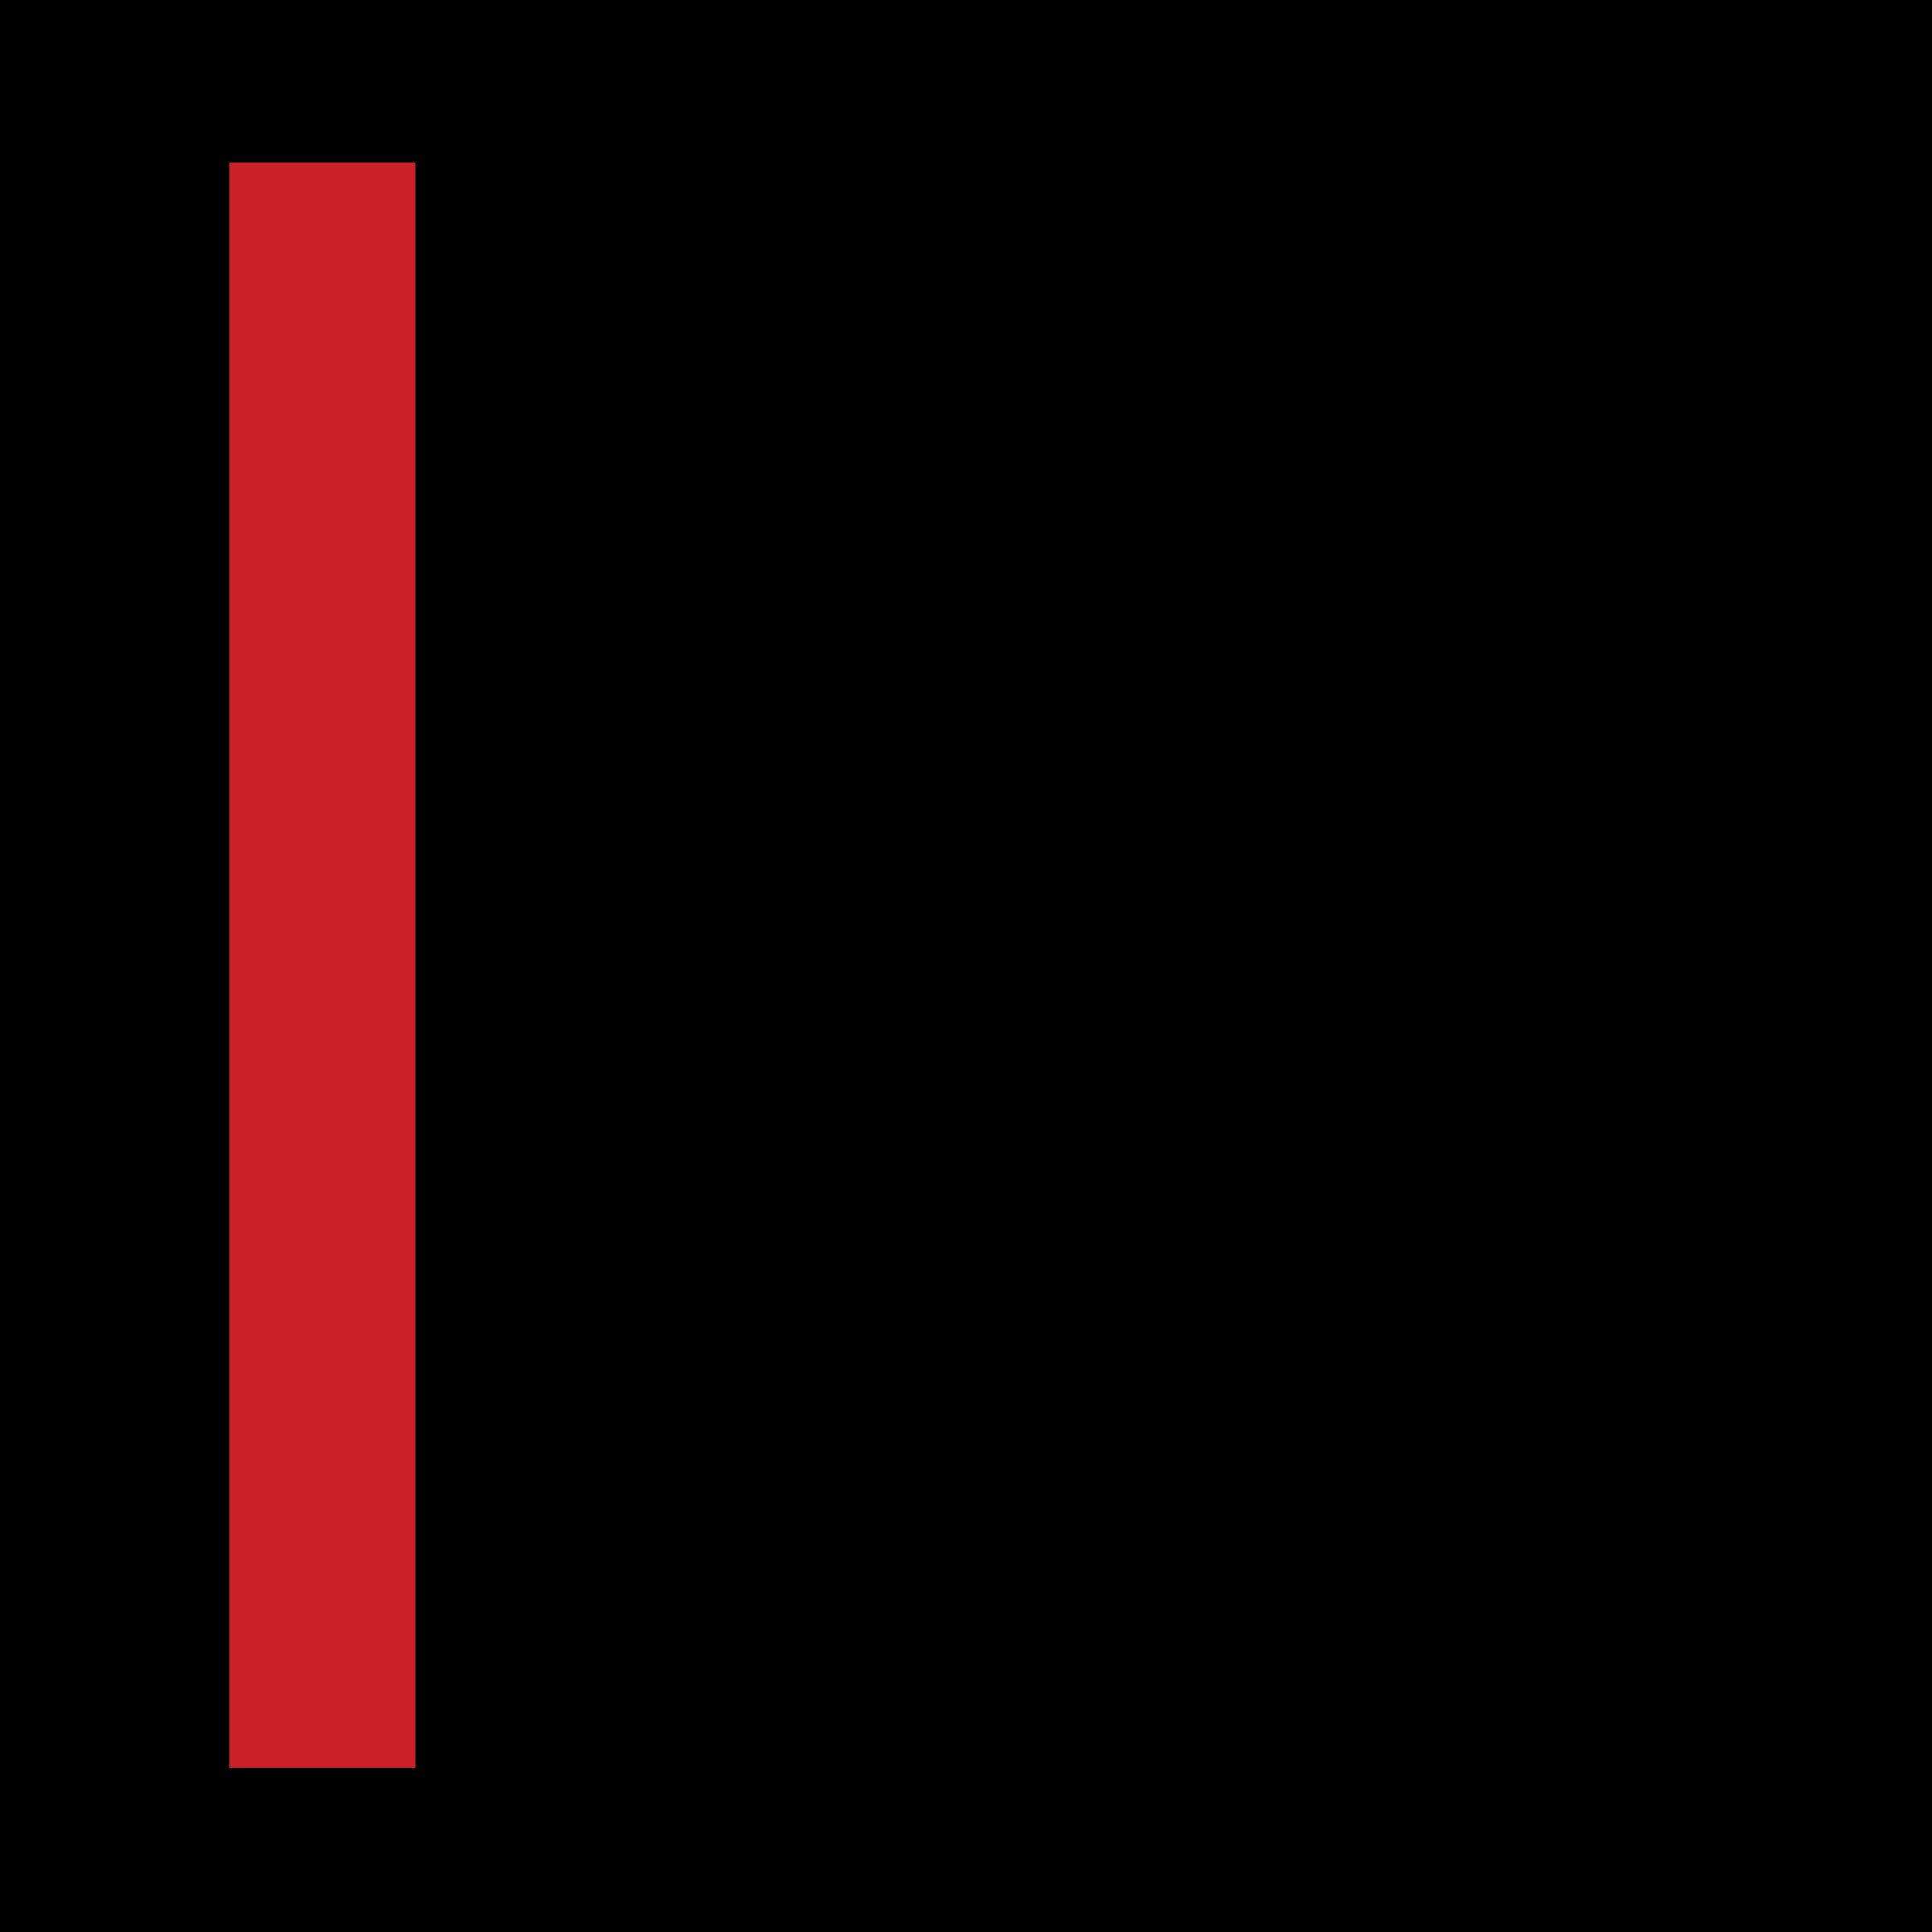 DIVA Logo PNG Transparent & SVG Vector.